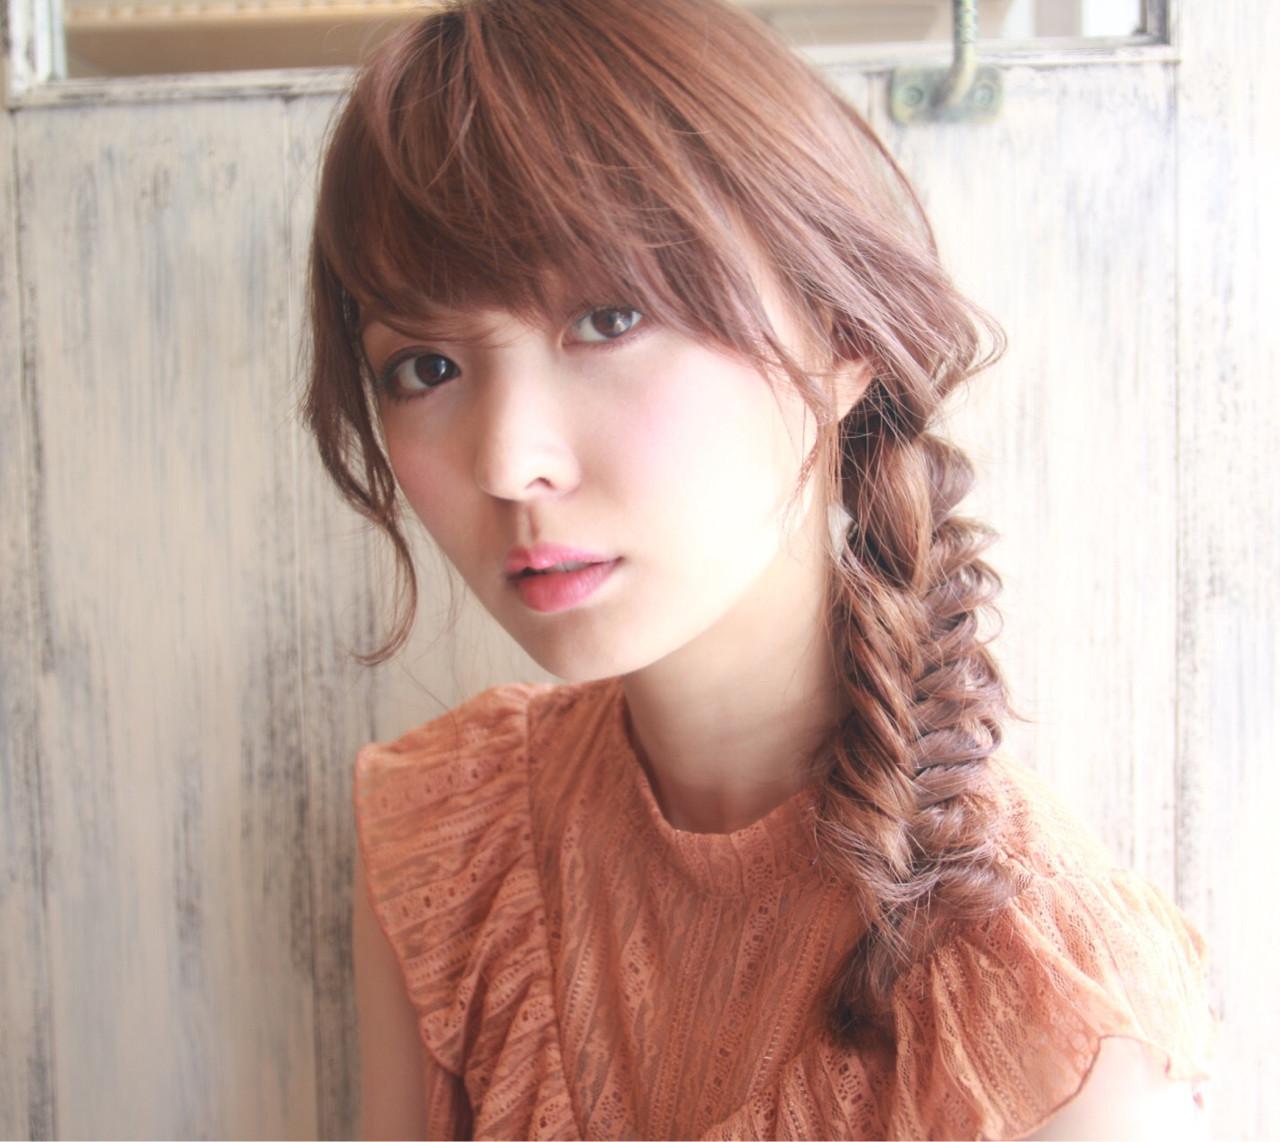 ロング 編み込み ナチュラル 簡単ヘアアレンジ ヘアスタイルや髪型の写真・画像